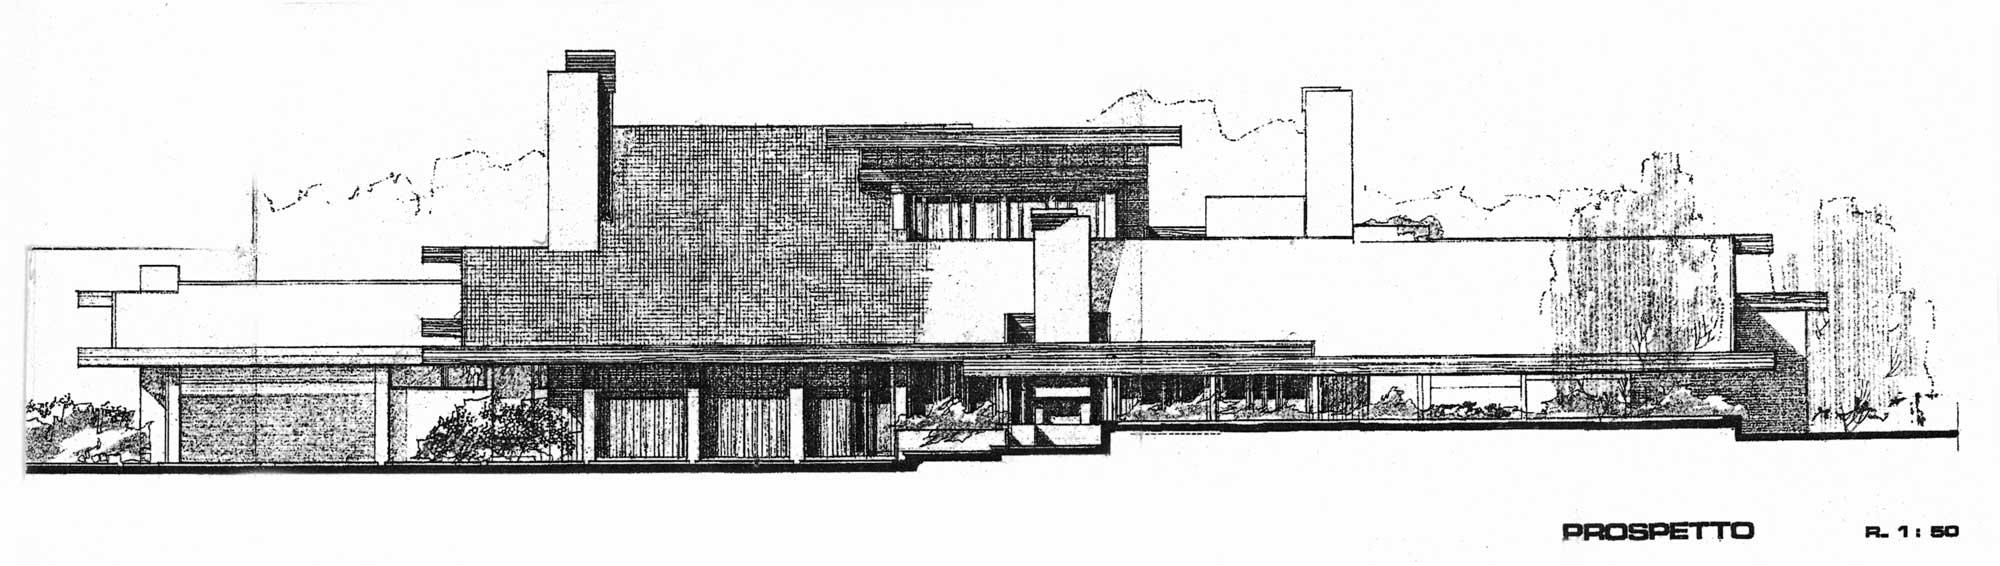 8 - Villa Grazzini in via Viggiano, Roma; con E. Monti - Prospetto